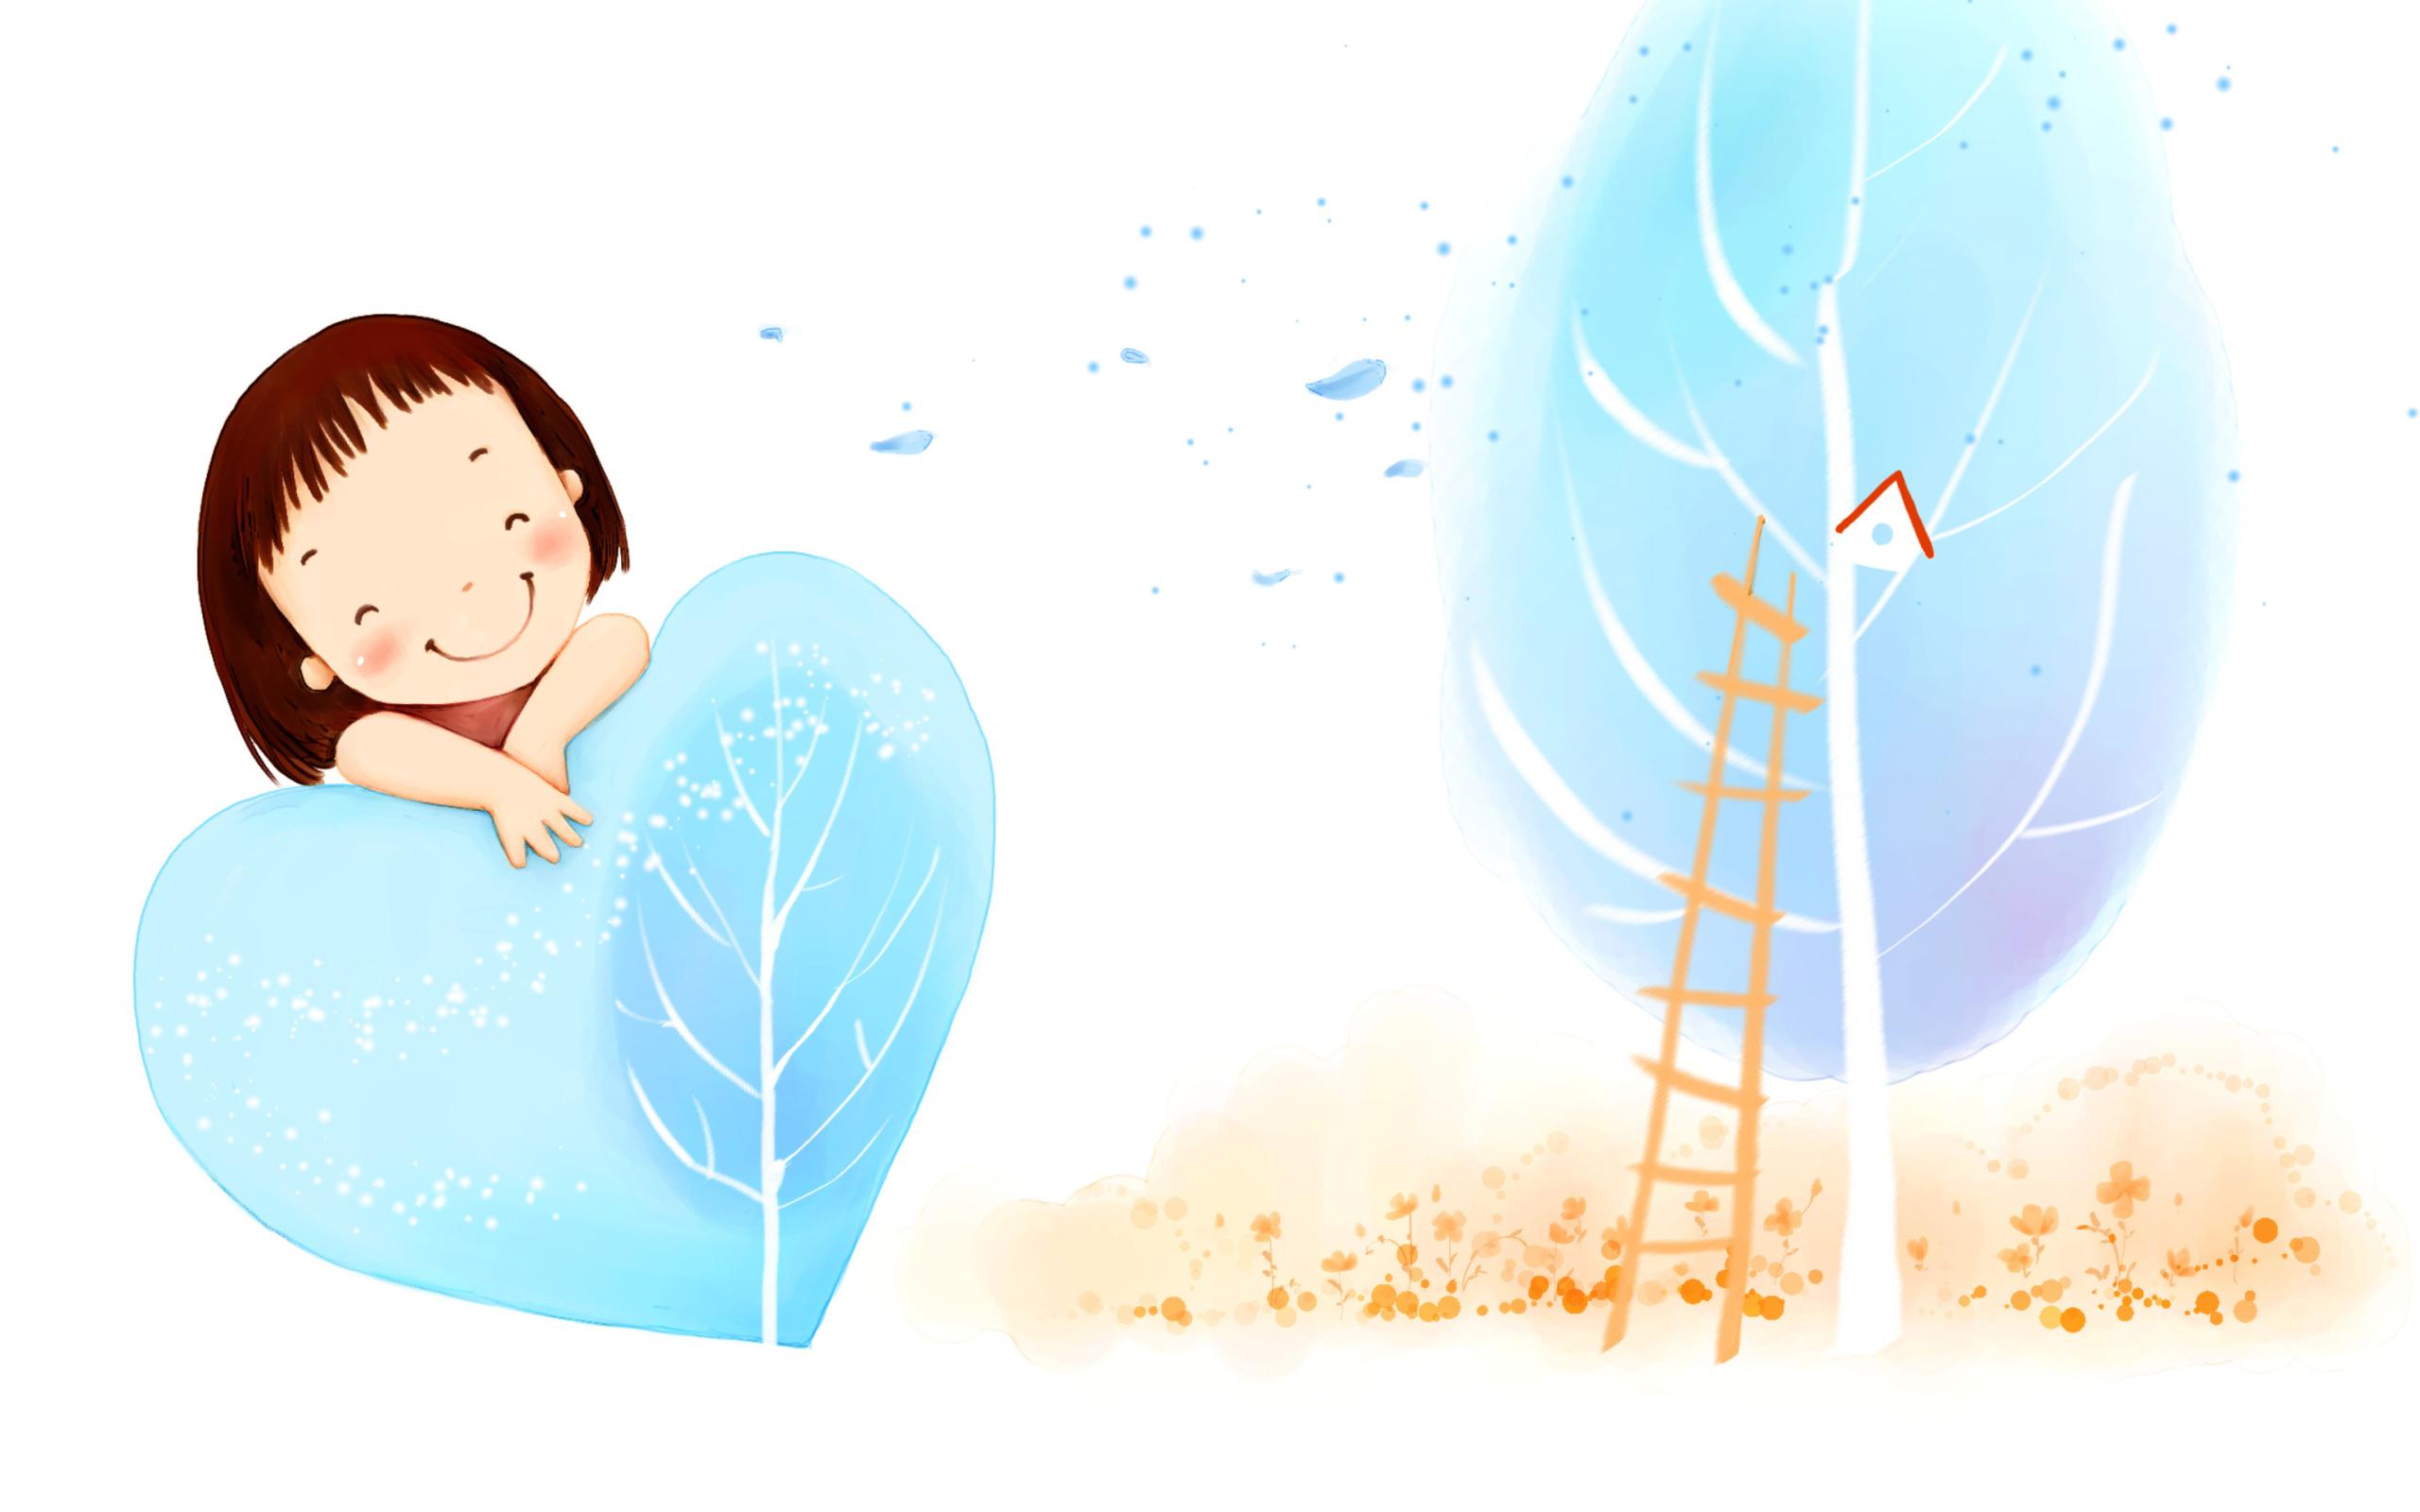 графика рисунок мальчик девочка бесплатно